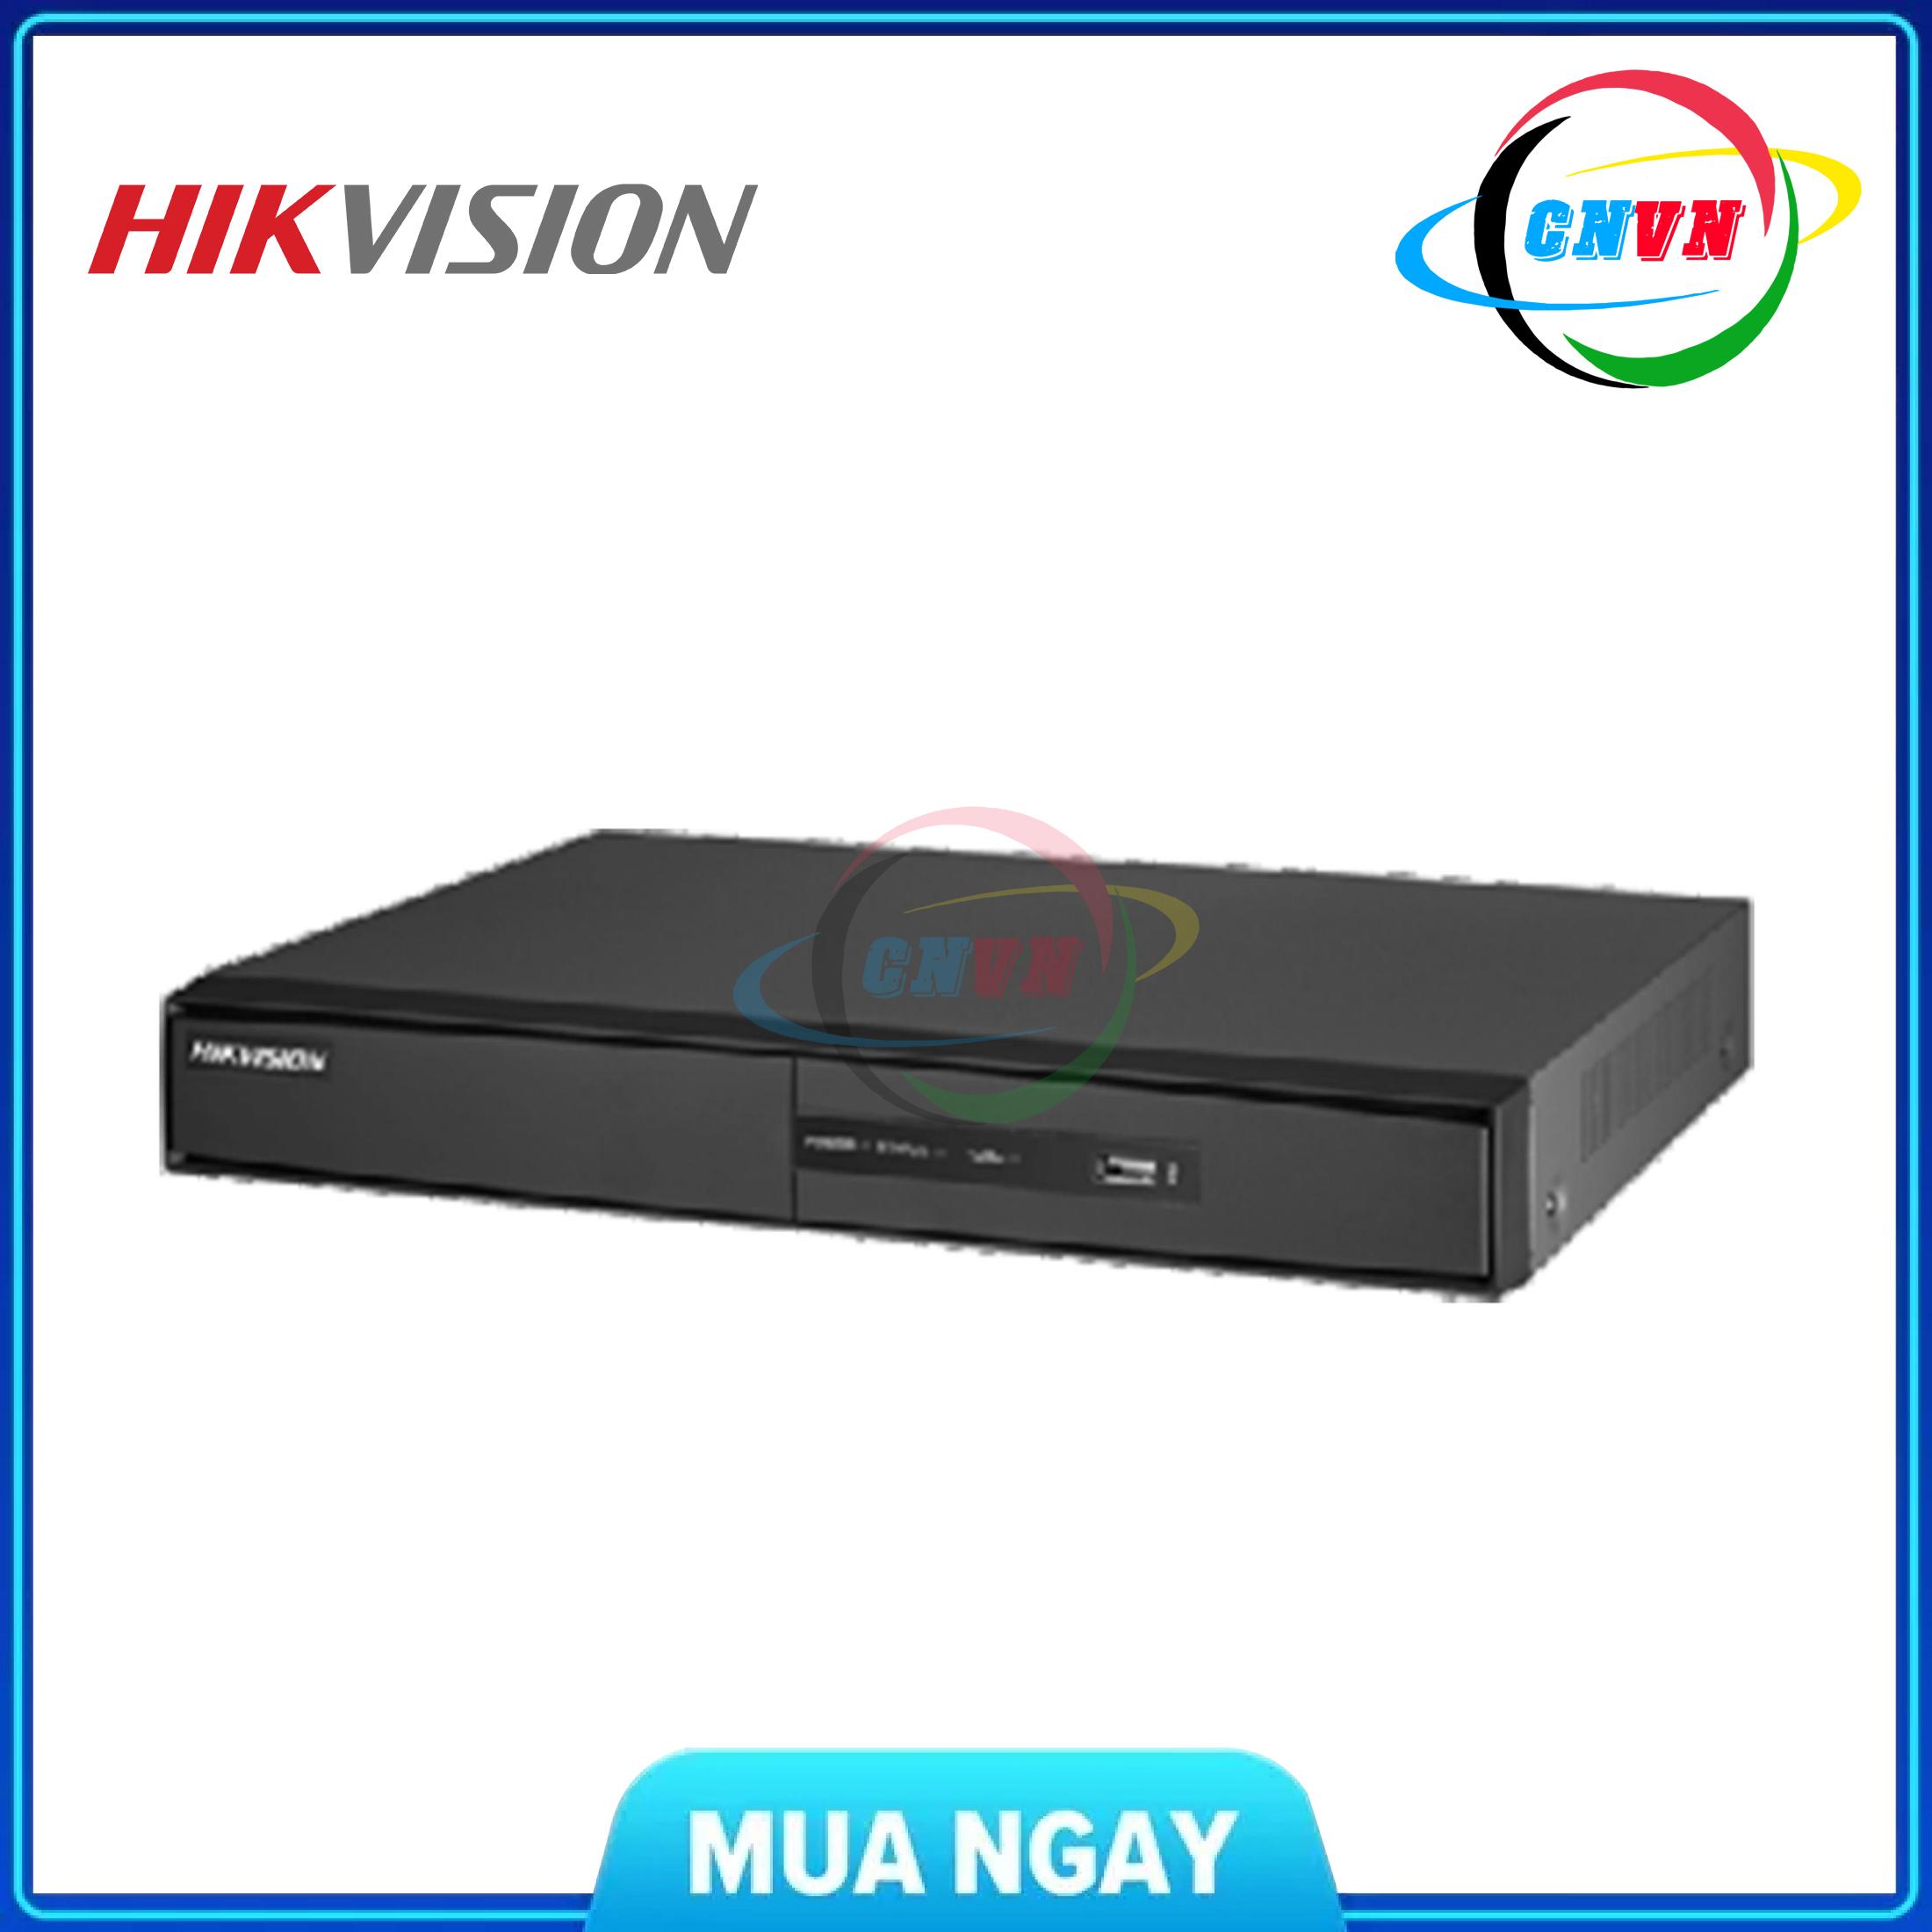 Đầu ghi hình HD TVI Hikvision DS-7208HGHI-F1/N chuẩn H.264+